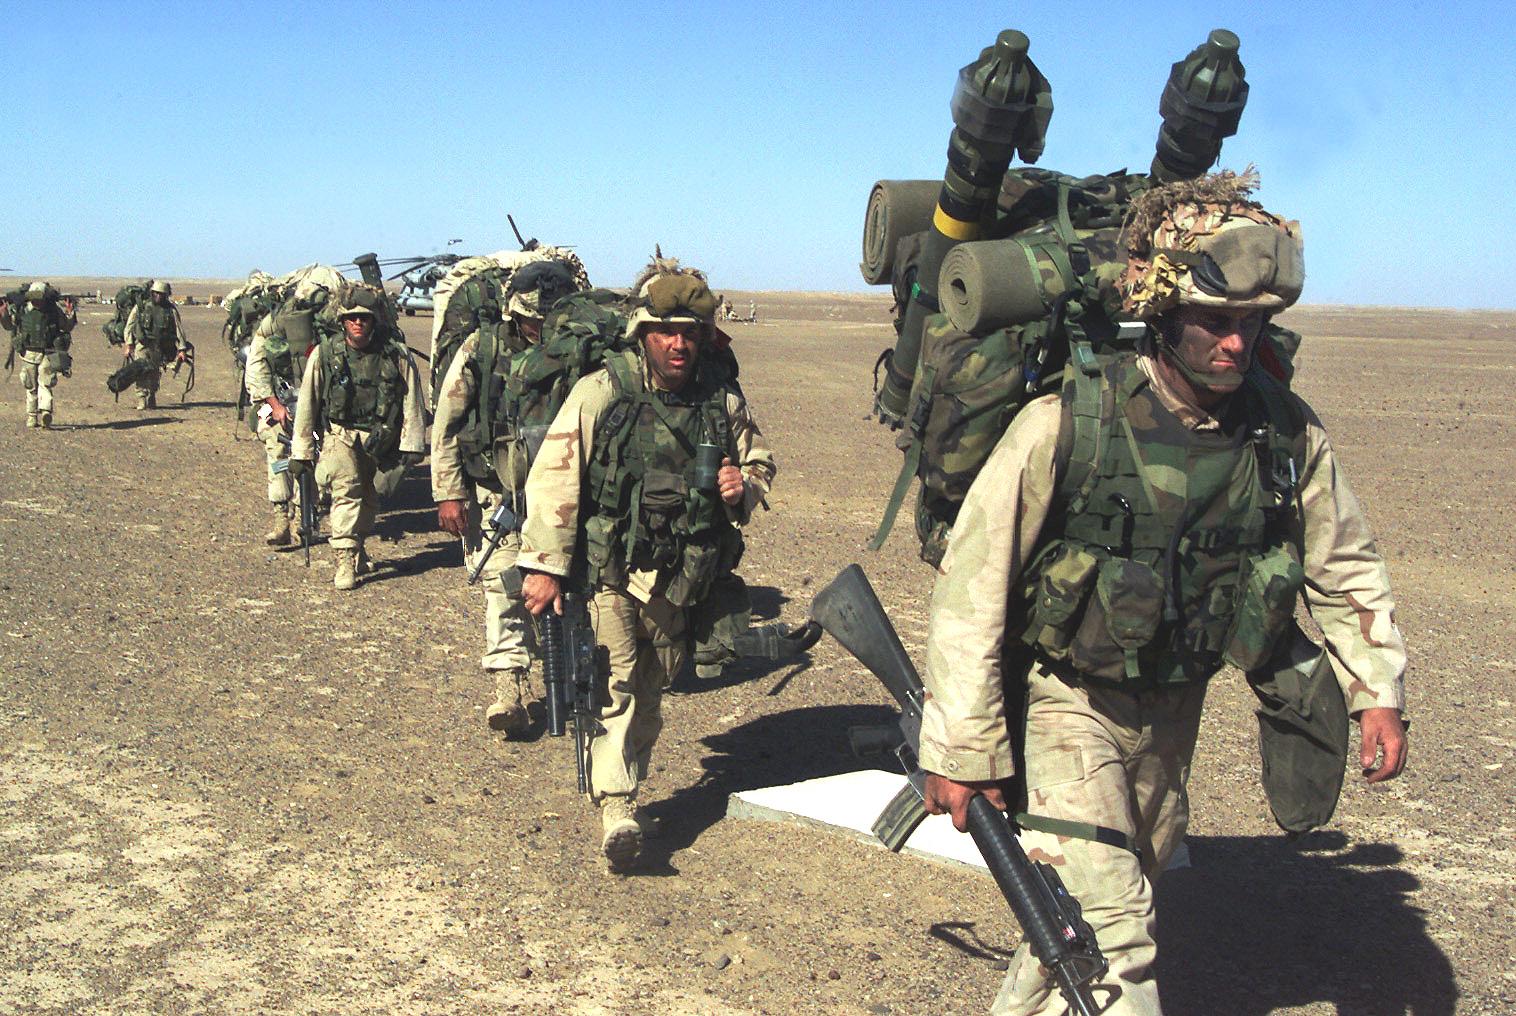 U.S._Marines_humping_in_Afghanistan,_November_2001.jpg